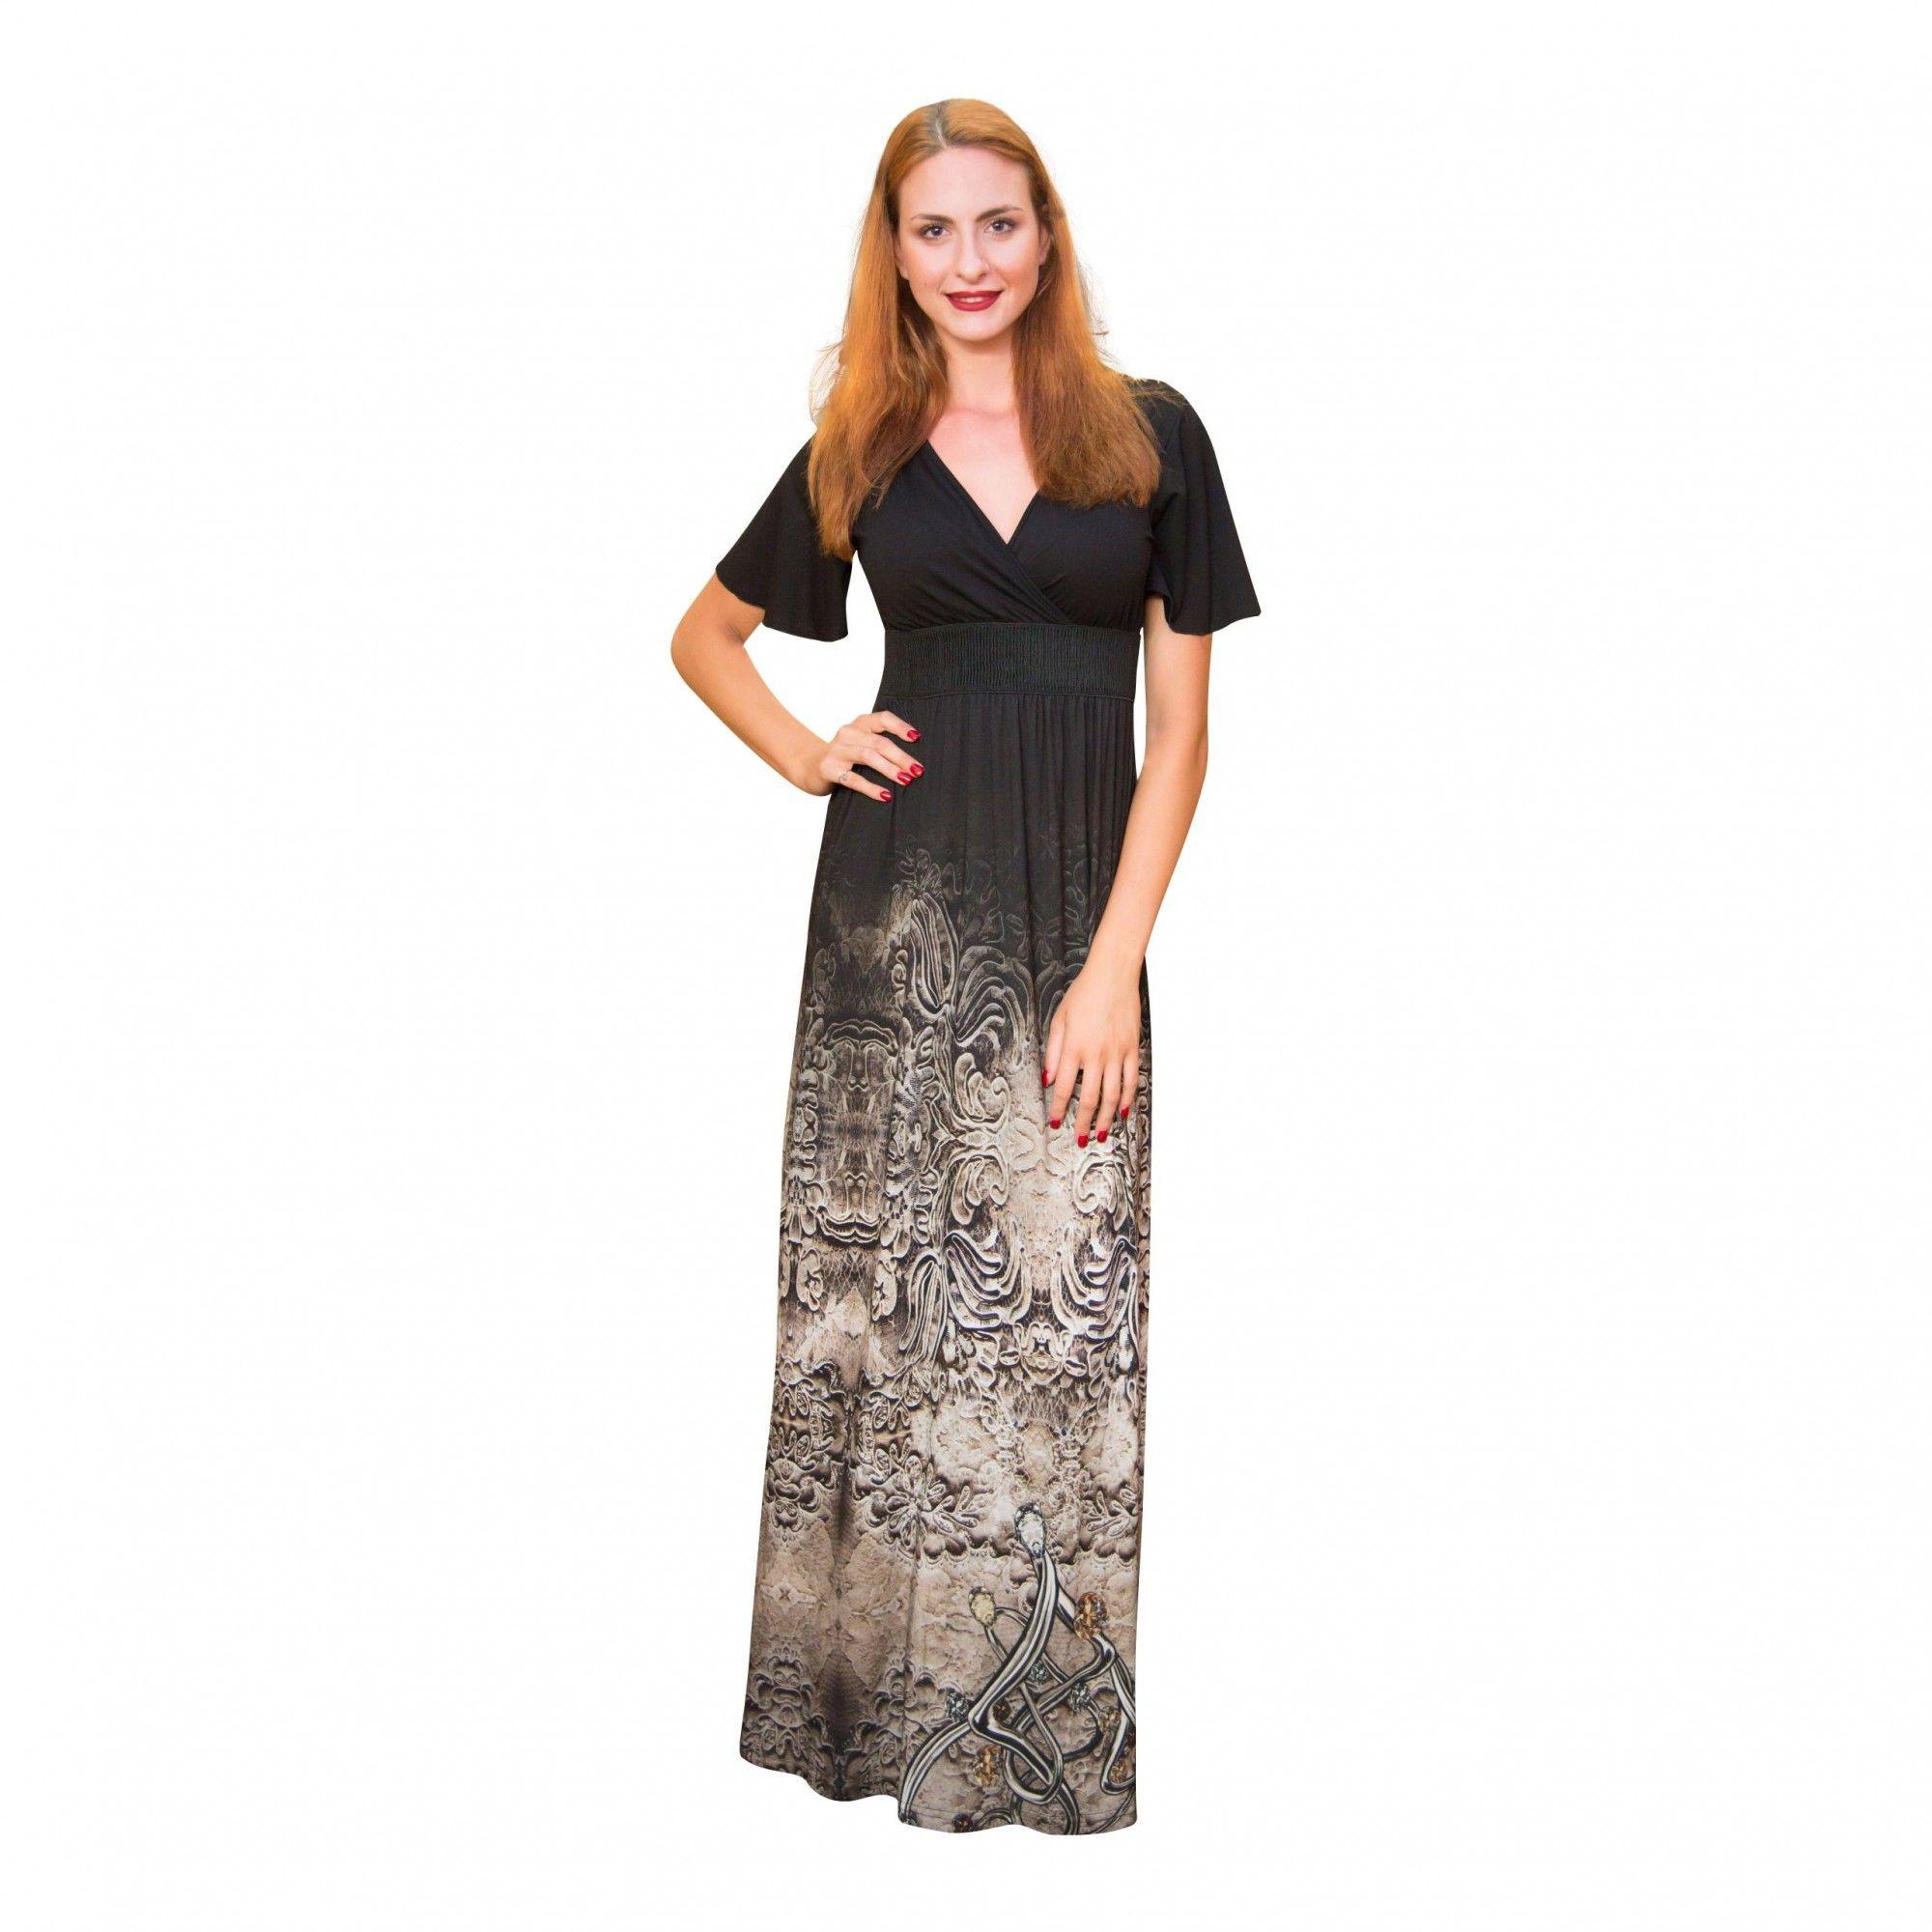 Φόρεμα κρουαζέ εμπριμέ κάτω με κοντό μανικάκι και V μπούστο | (92% VISC 8% LYCRA)